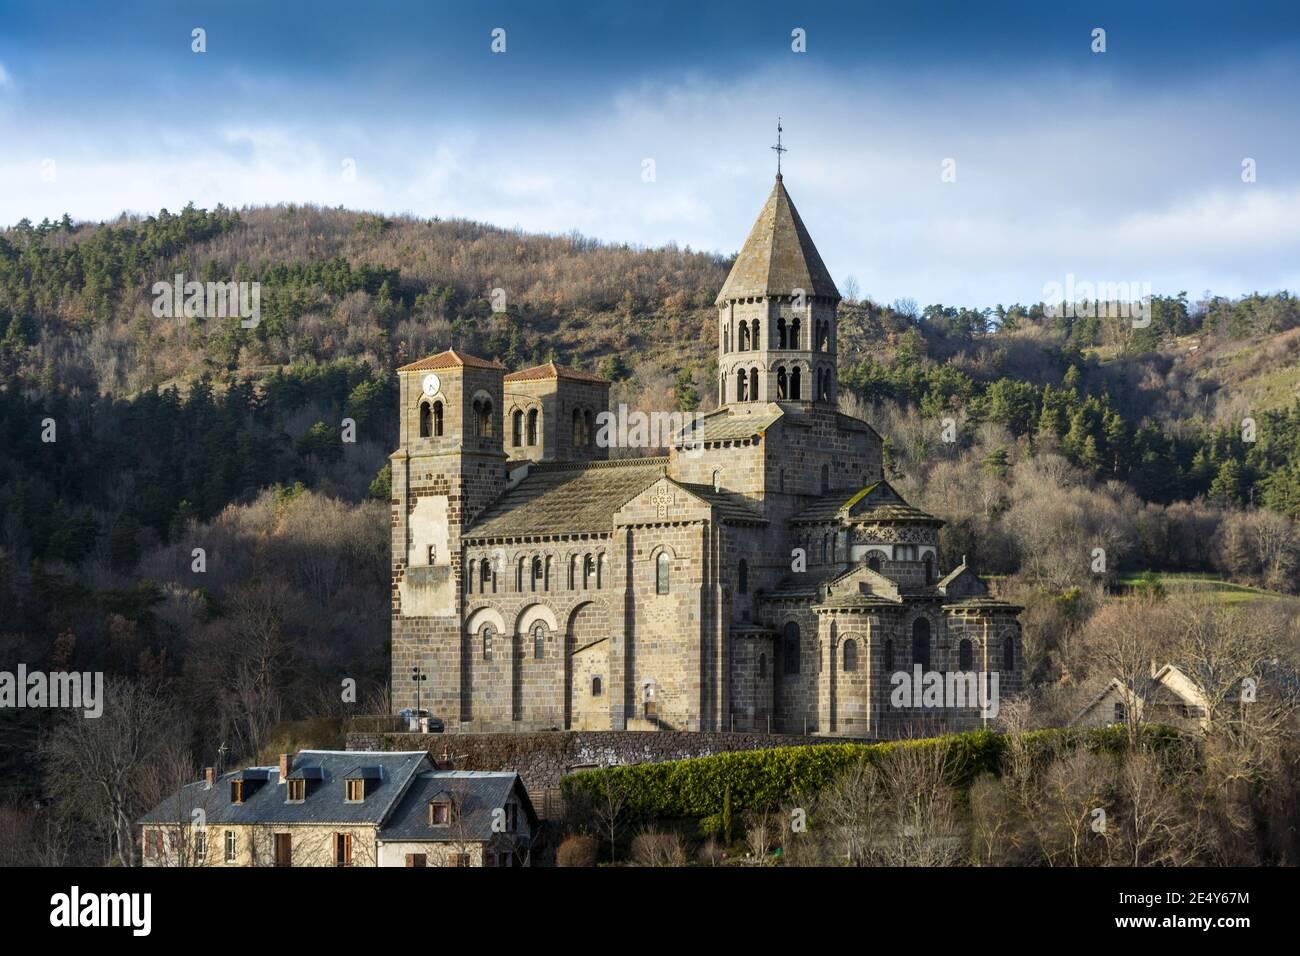 Église romaine de Saint Nectaire, Auvergne, France Banque D'Images